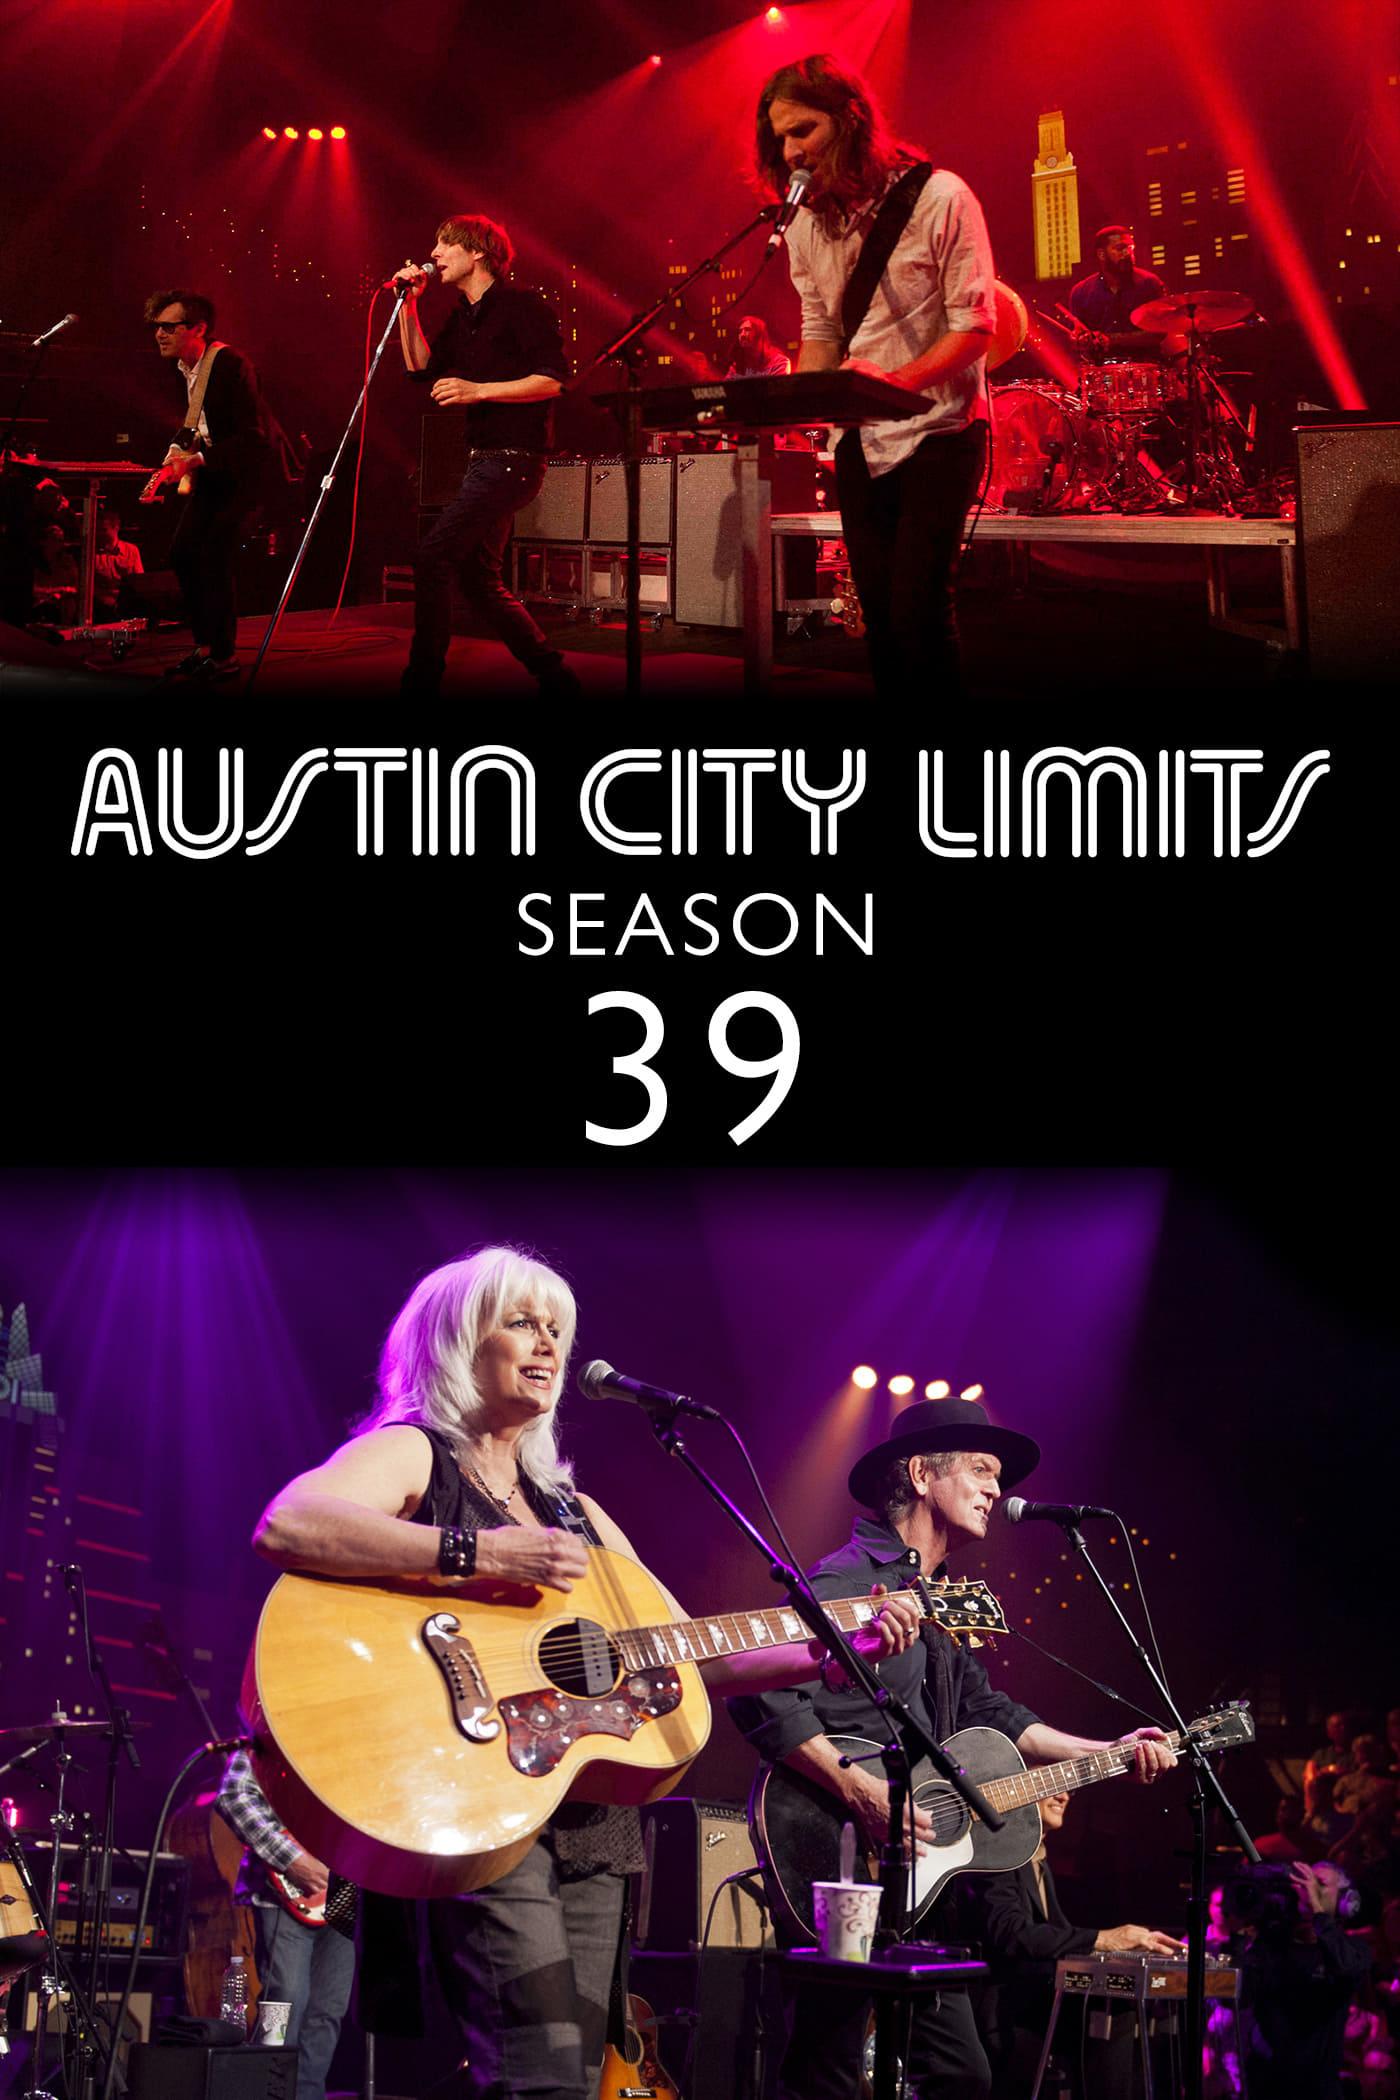 Austin City Limits Season 39